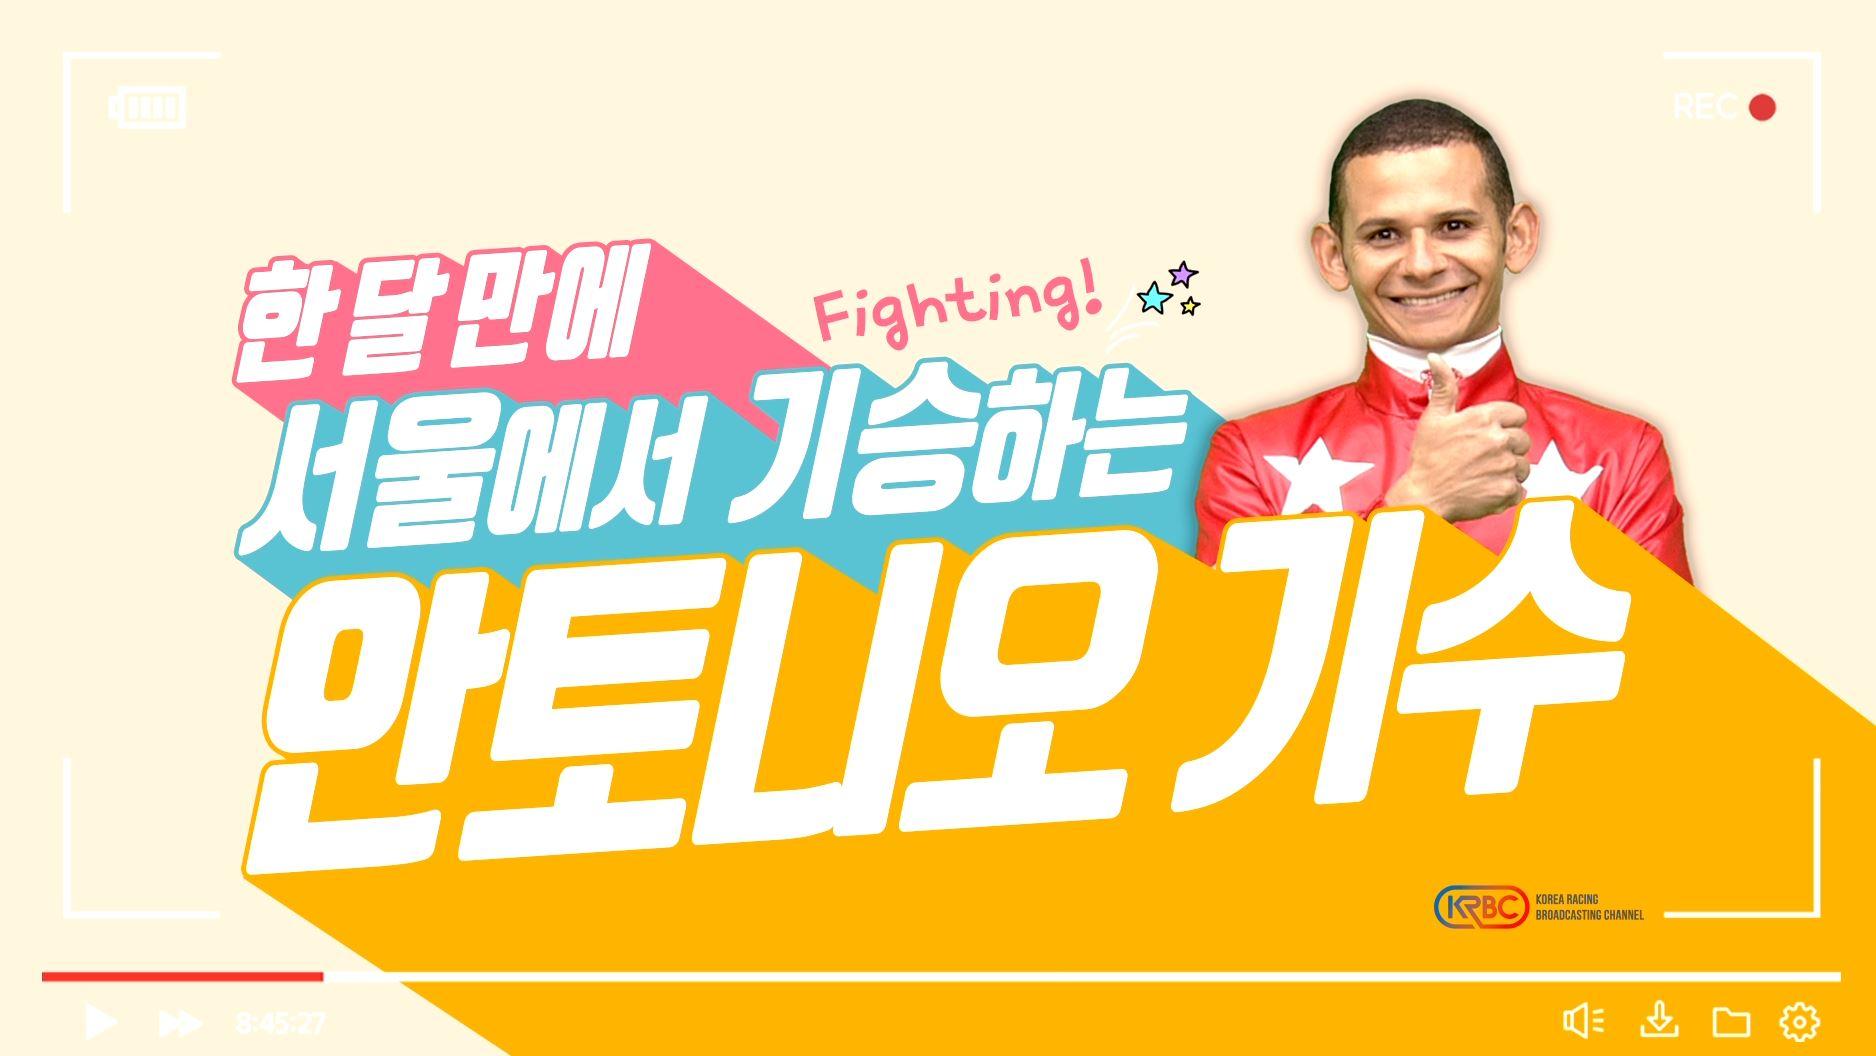 [서울]생생인터뷰3(4월20일) 썸네일 이미지